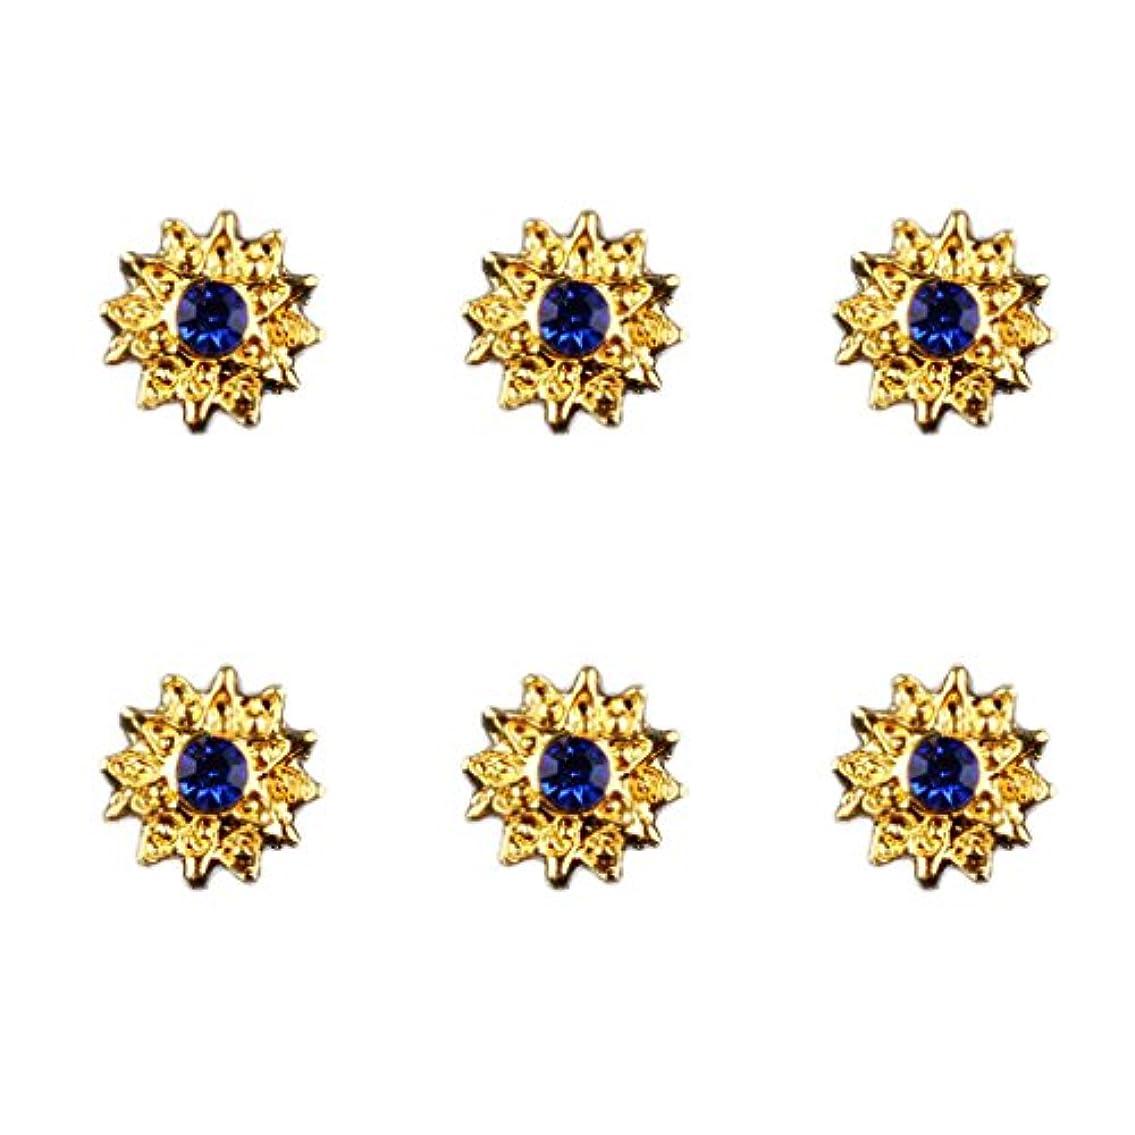 無意識外科医ベテラン約50個入り マニキュア ダイヤモンド 3Dネイルアート ヒントステッカー 装飾 全8種類 - 6